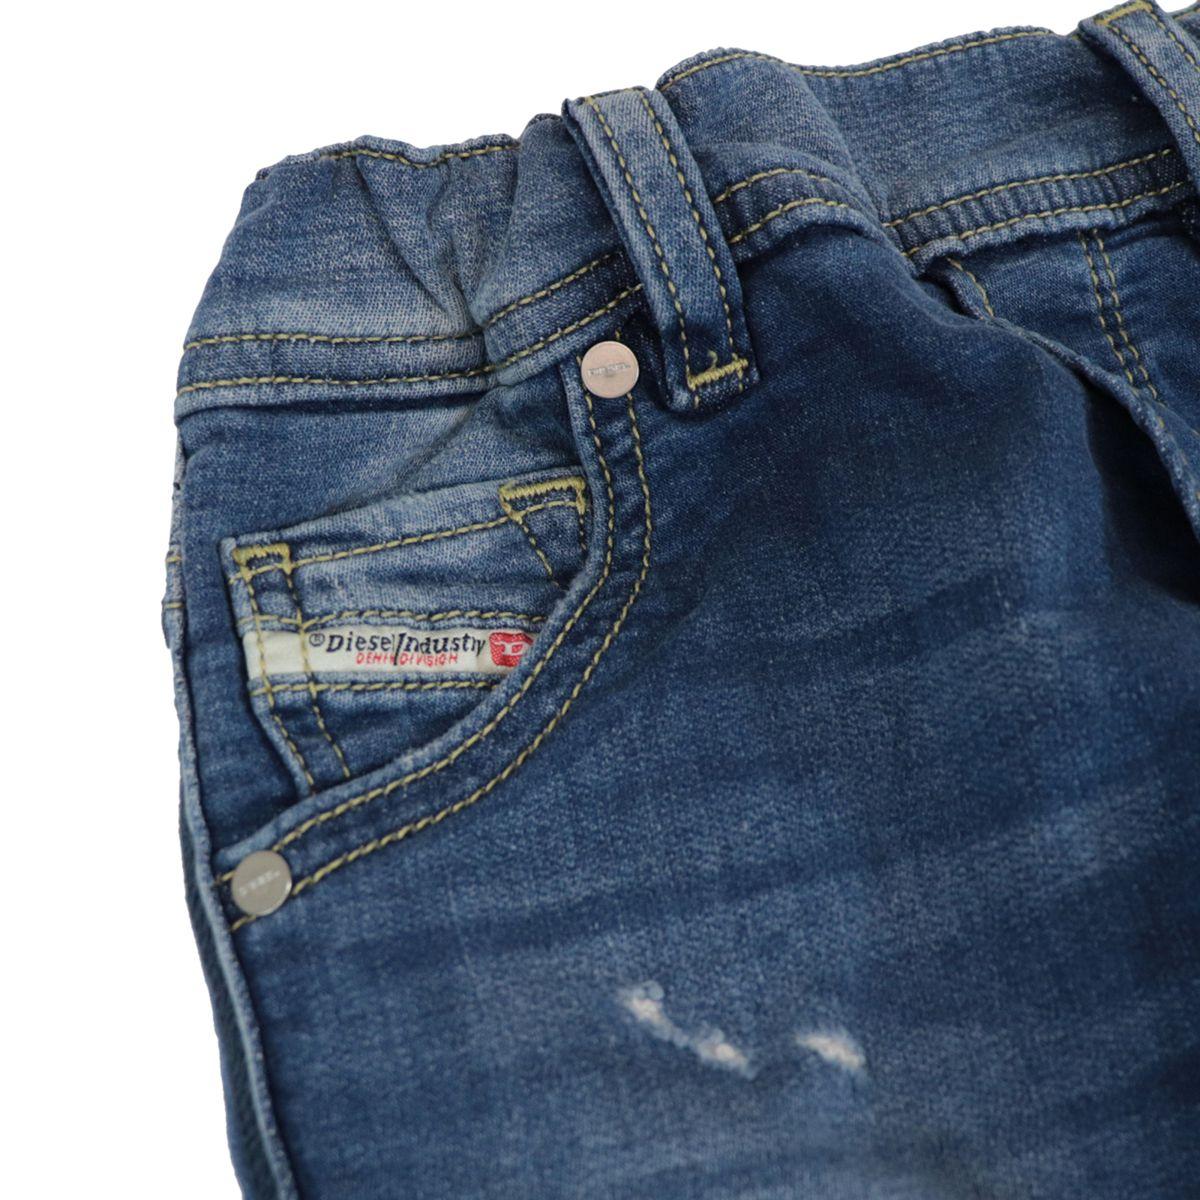 Used denim jeans with elastic Medium denim Diesel